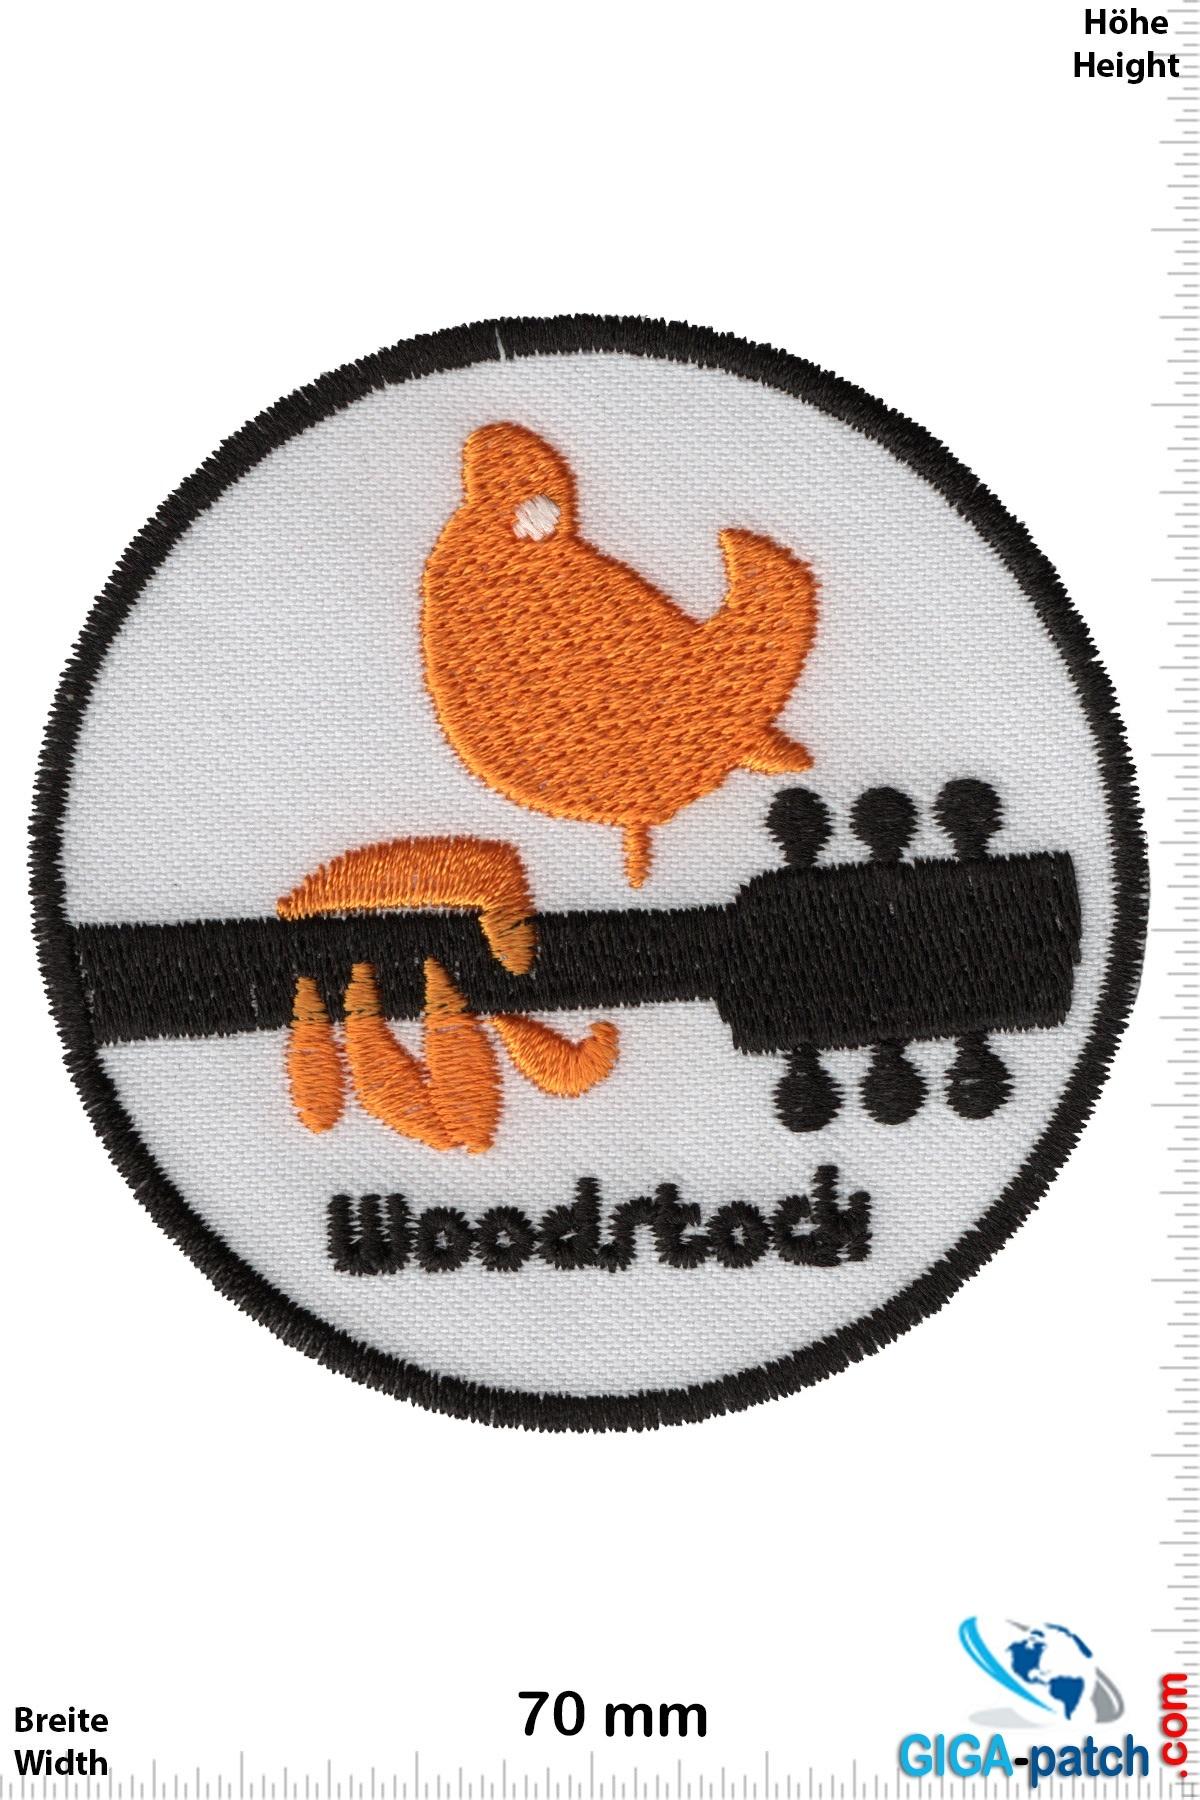 Woodstock Woodstock - guitar - bird - yellow